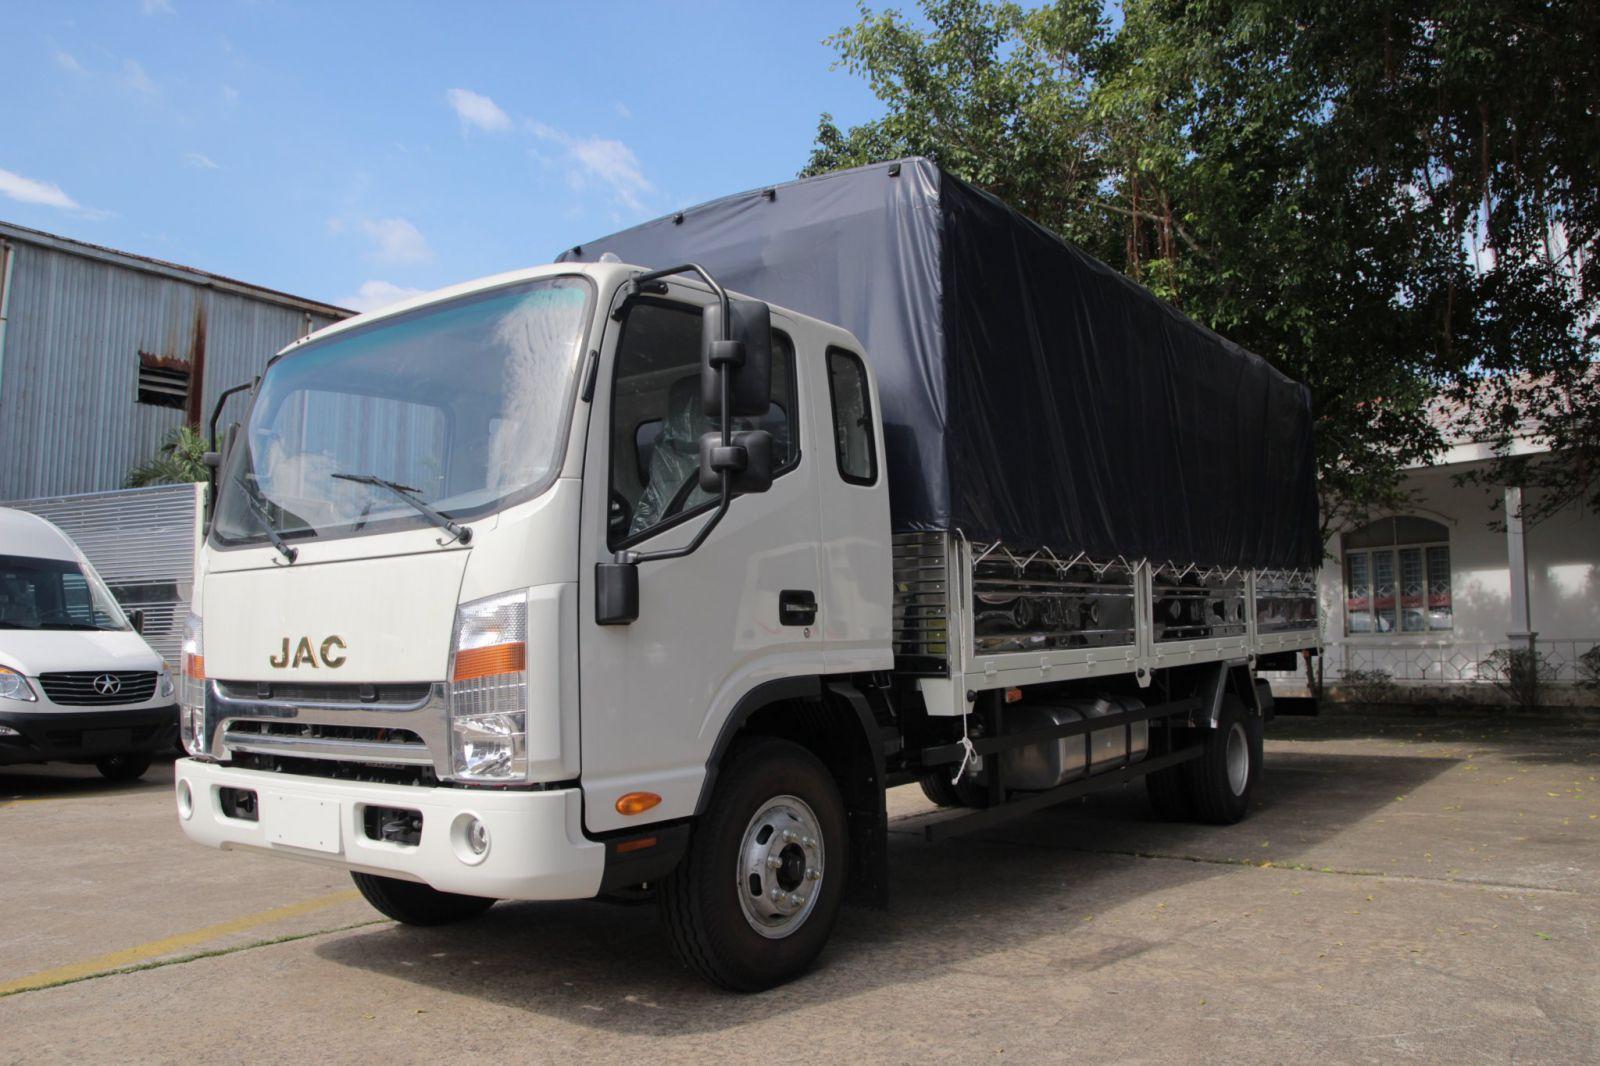 xe tải jac 6t5 n650 plus